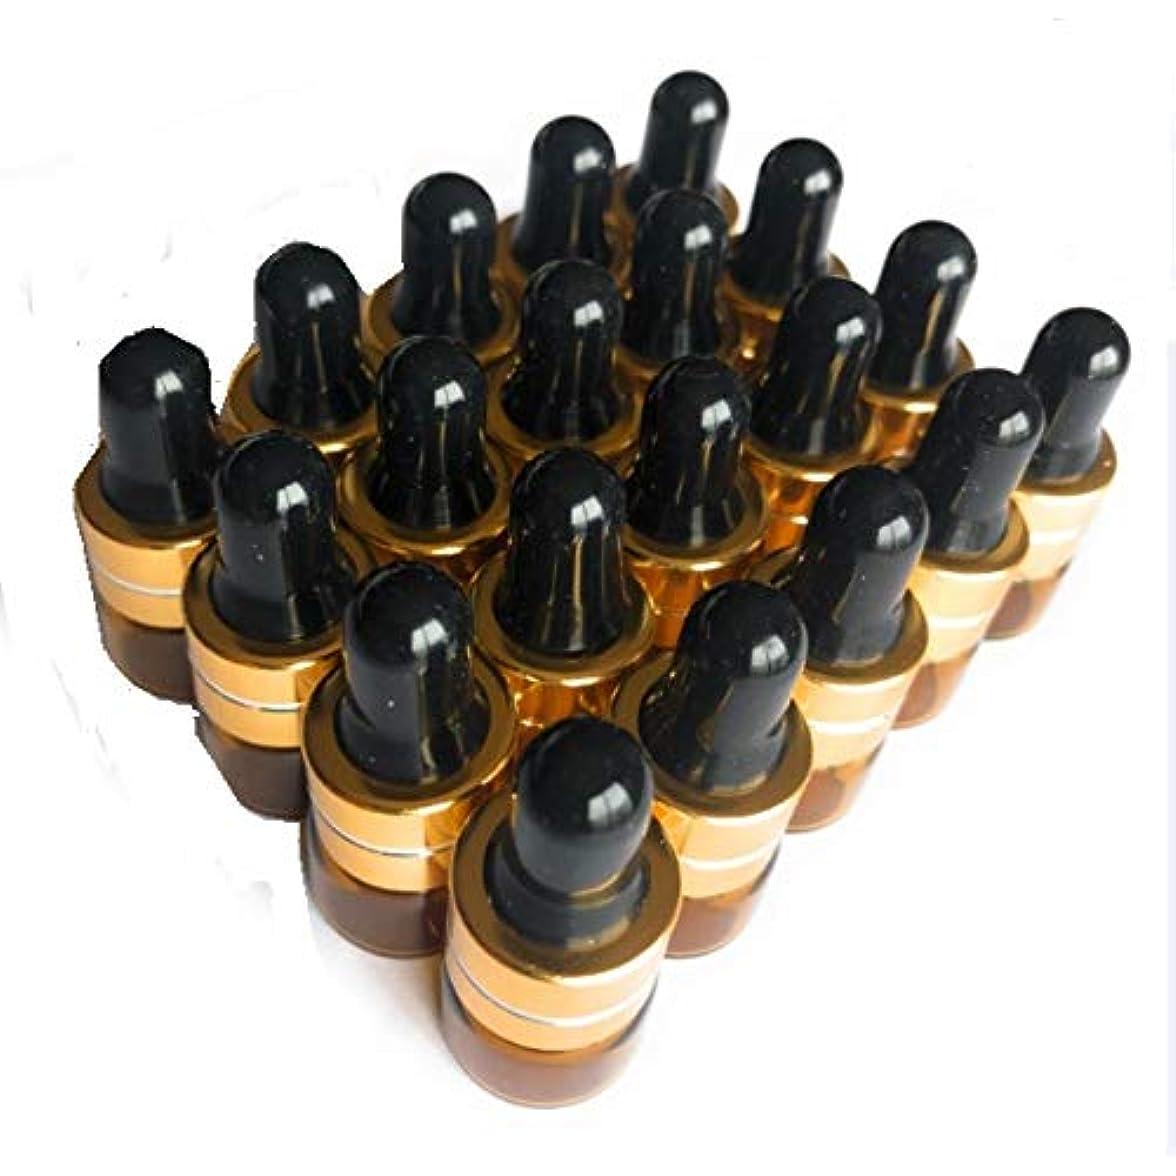 ふさわしい排他的魅惑するits 遮光瓶 アロマオイル 精油 小分け用 ガラス製 保存容器 茶色 (20本 セット 1ml)